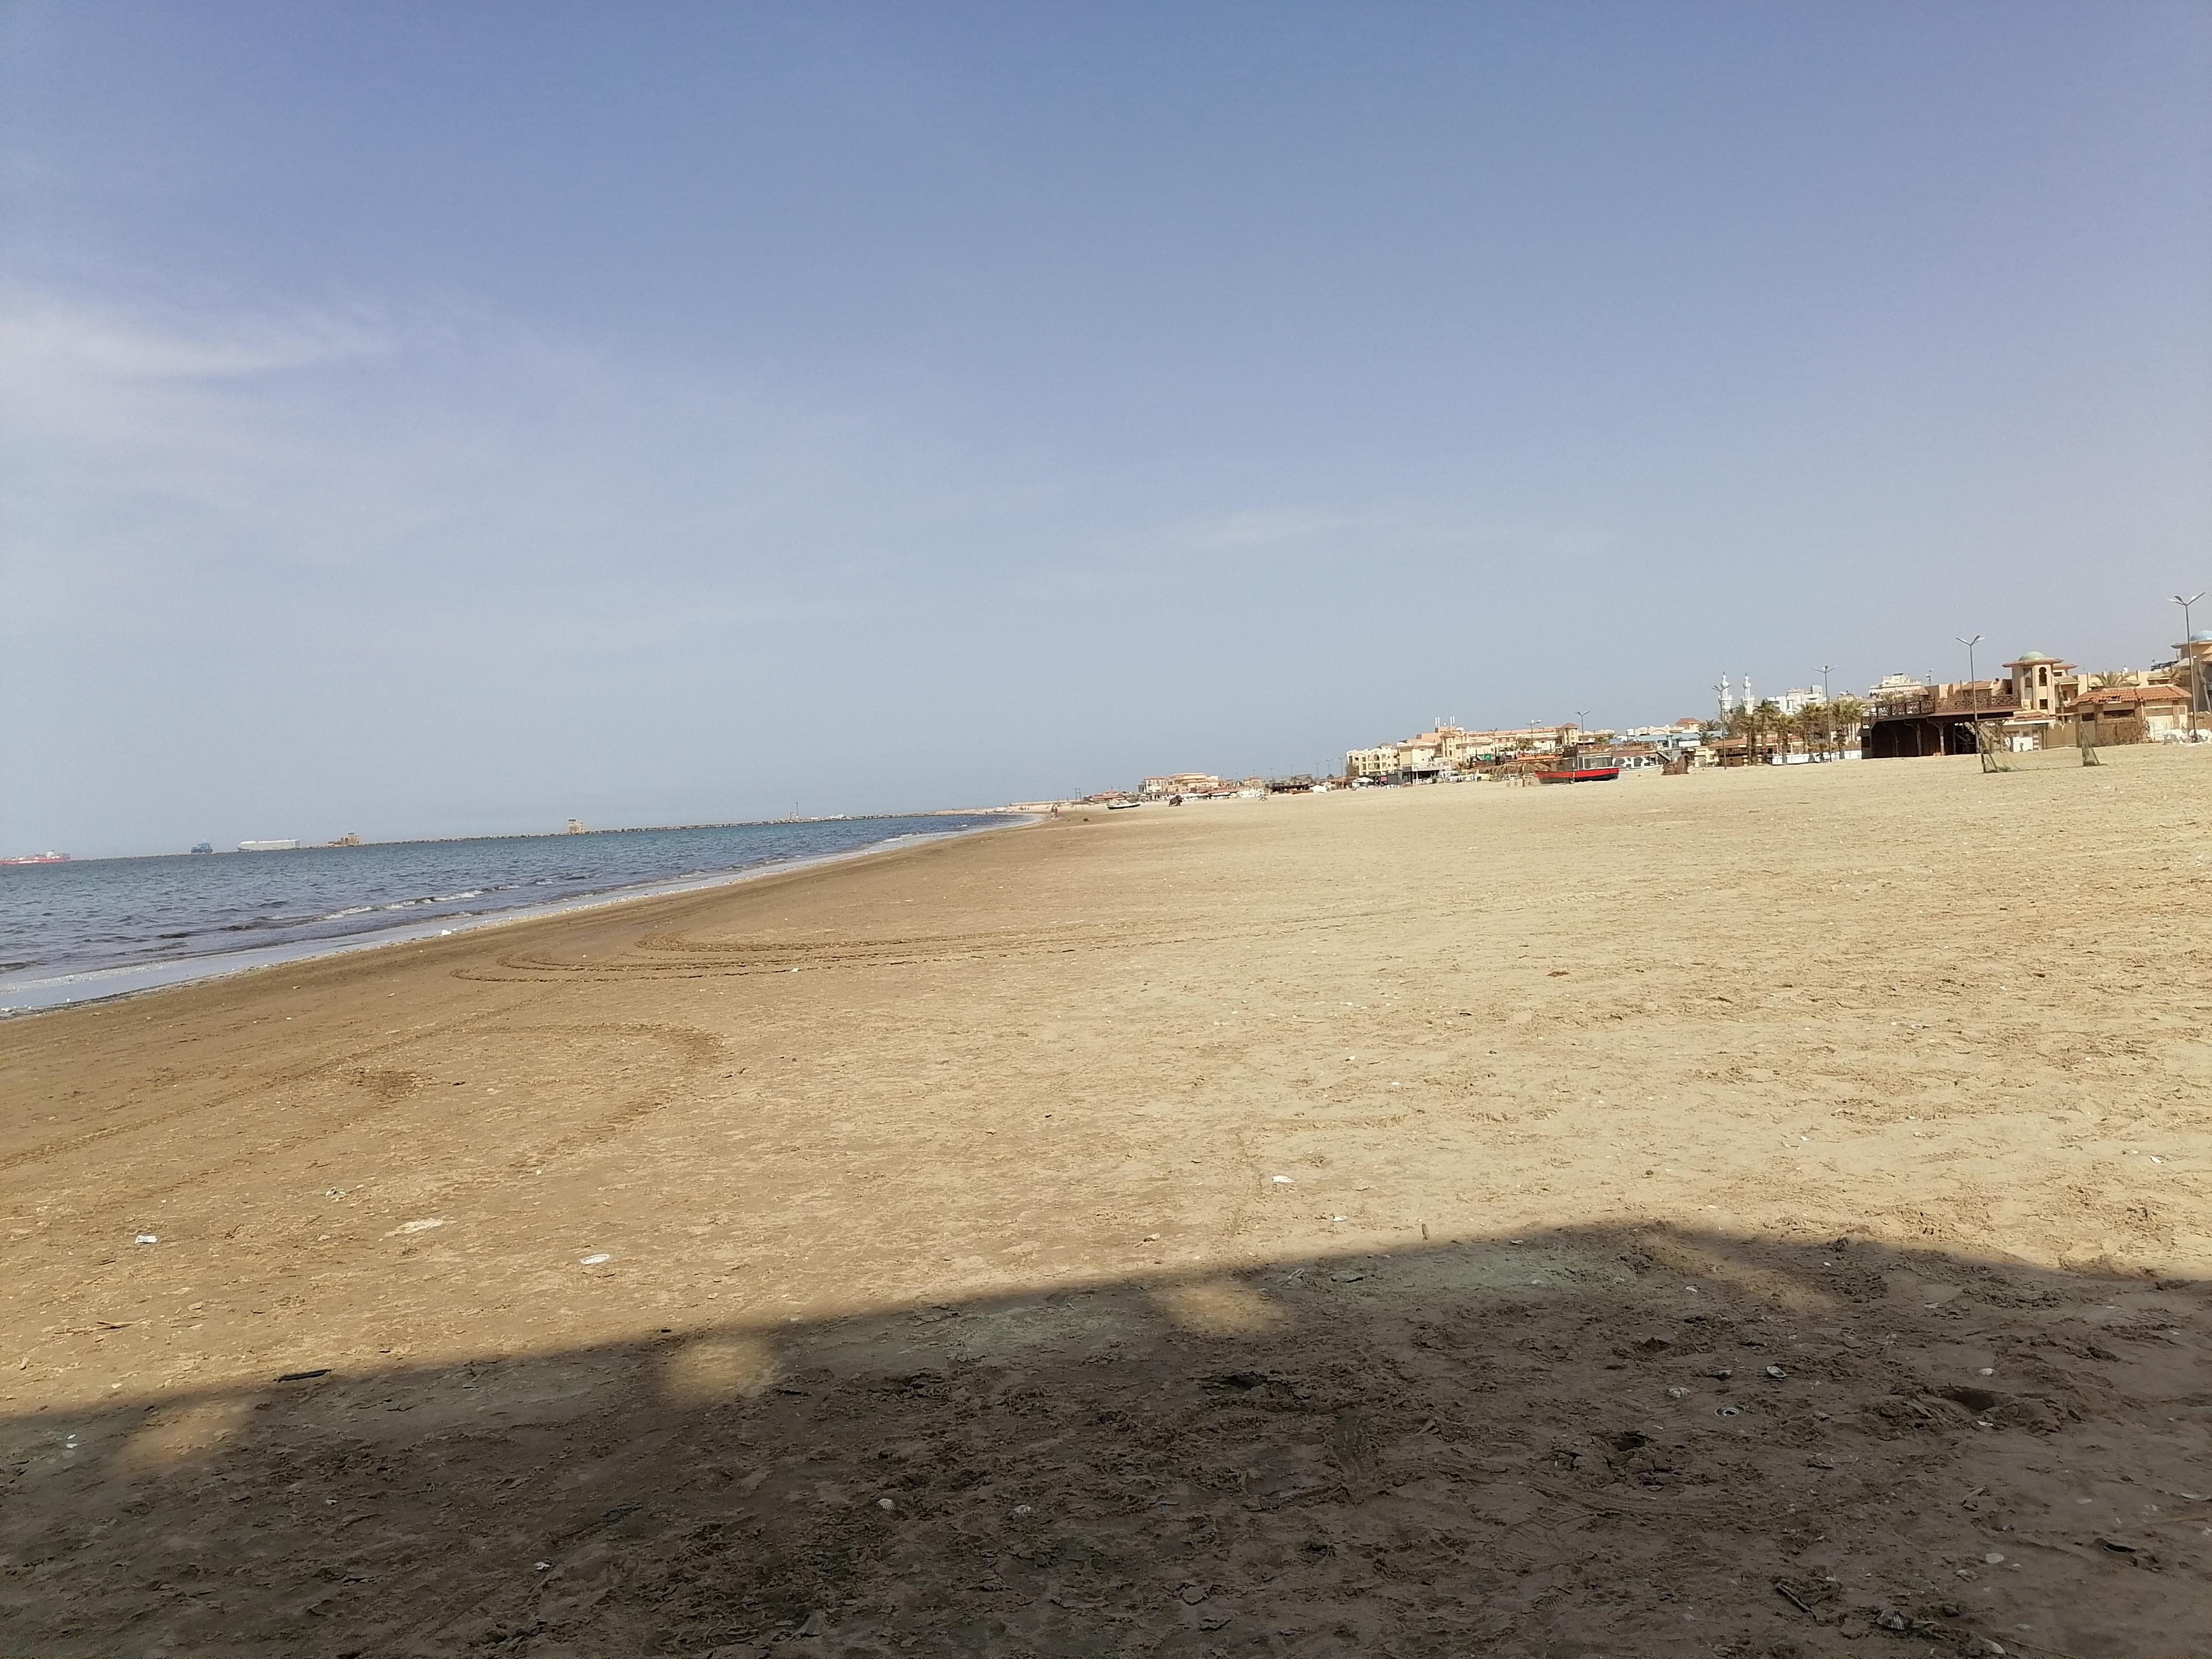 البحر الأبيض المتوسط ببورسعيد